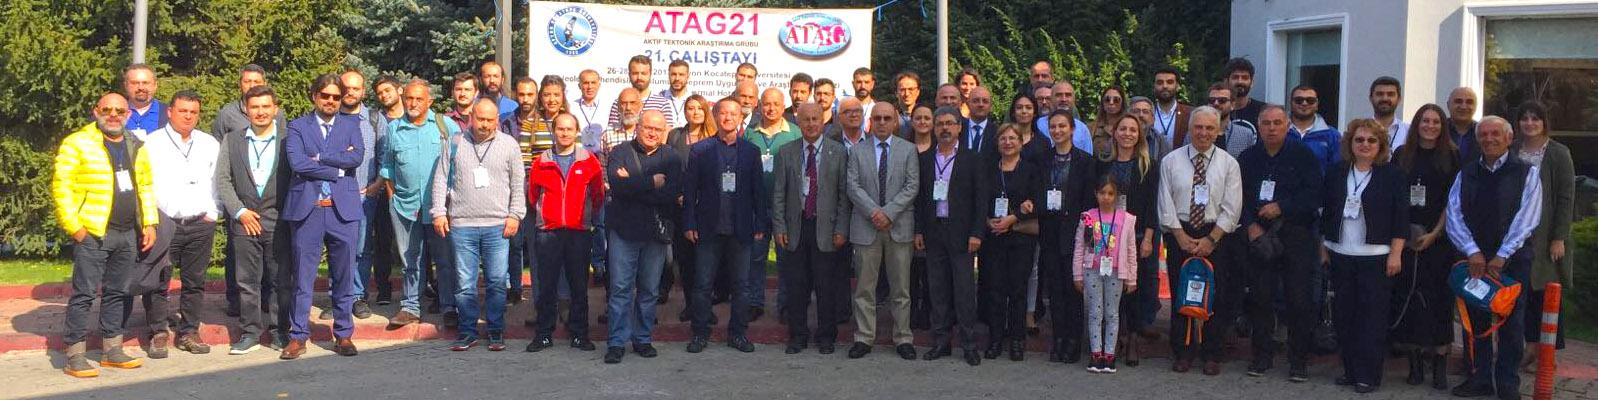 ATAG21 Deprem Çalıştayı Gerçekleştirildi